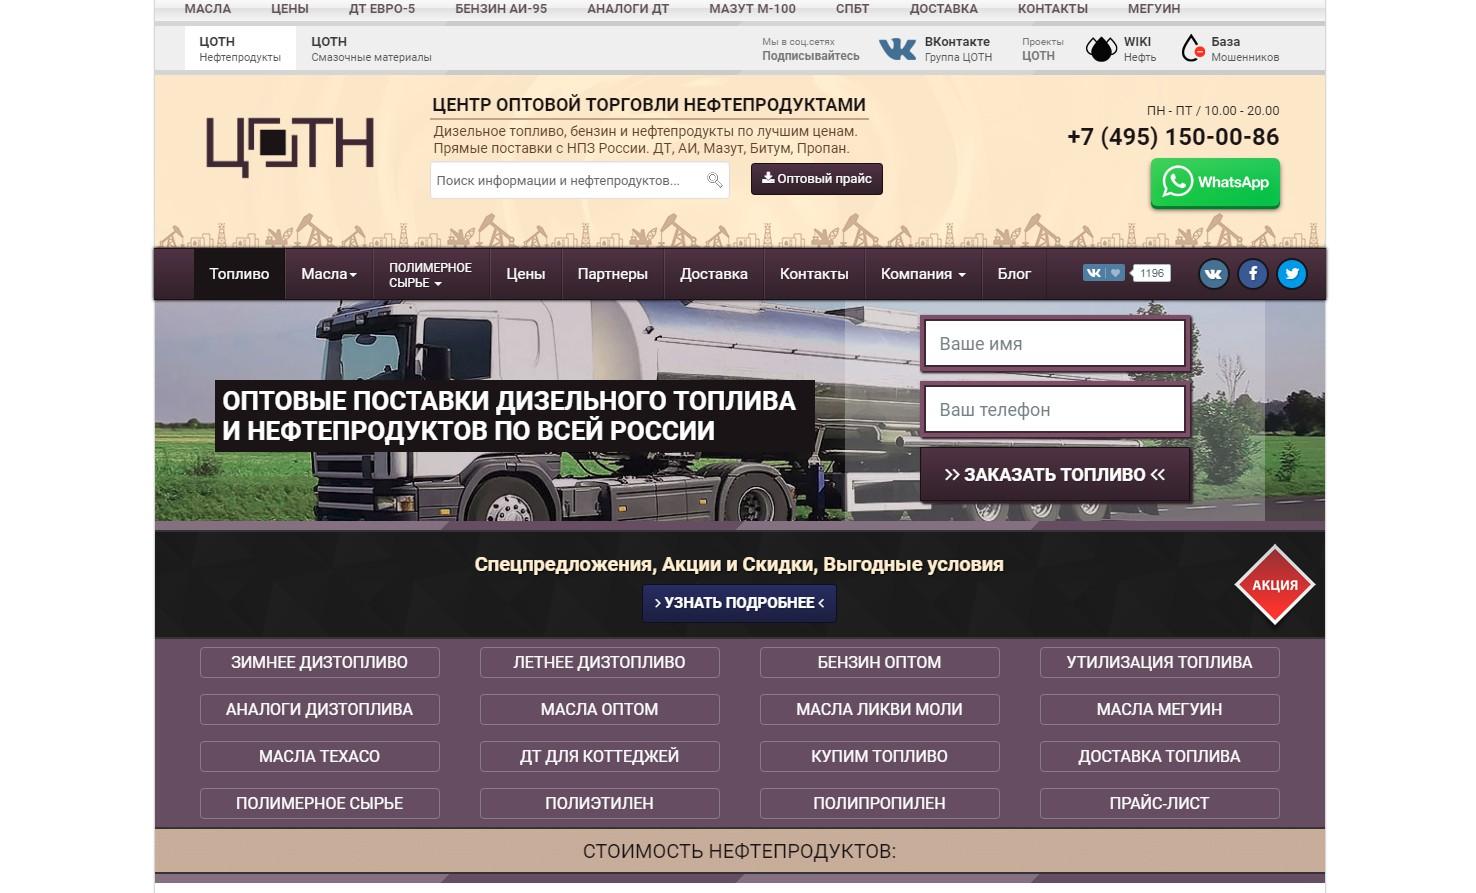 Продажа топлива_Настройка Яндекс Директ и Google Ads